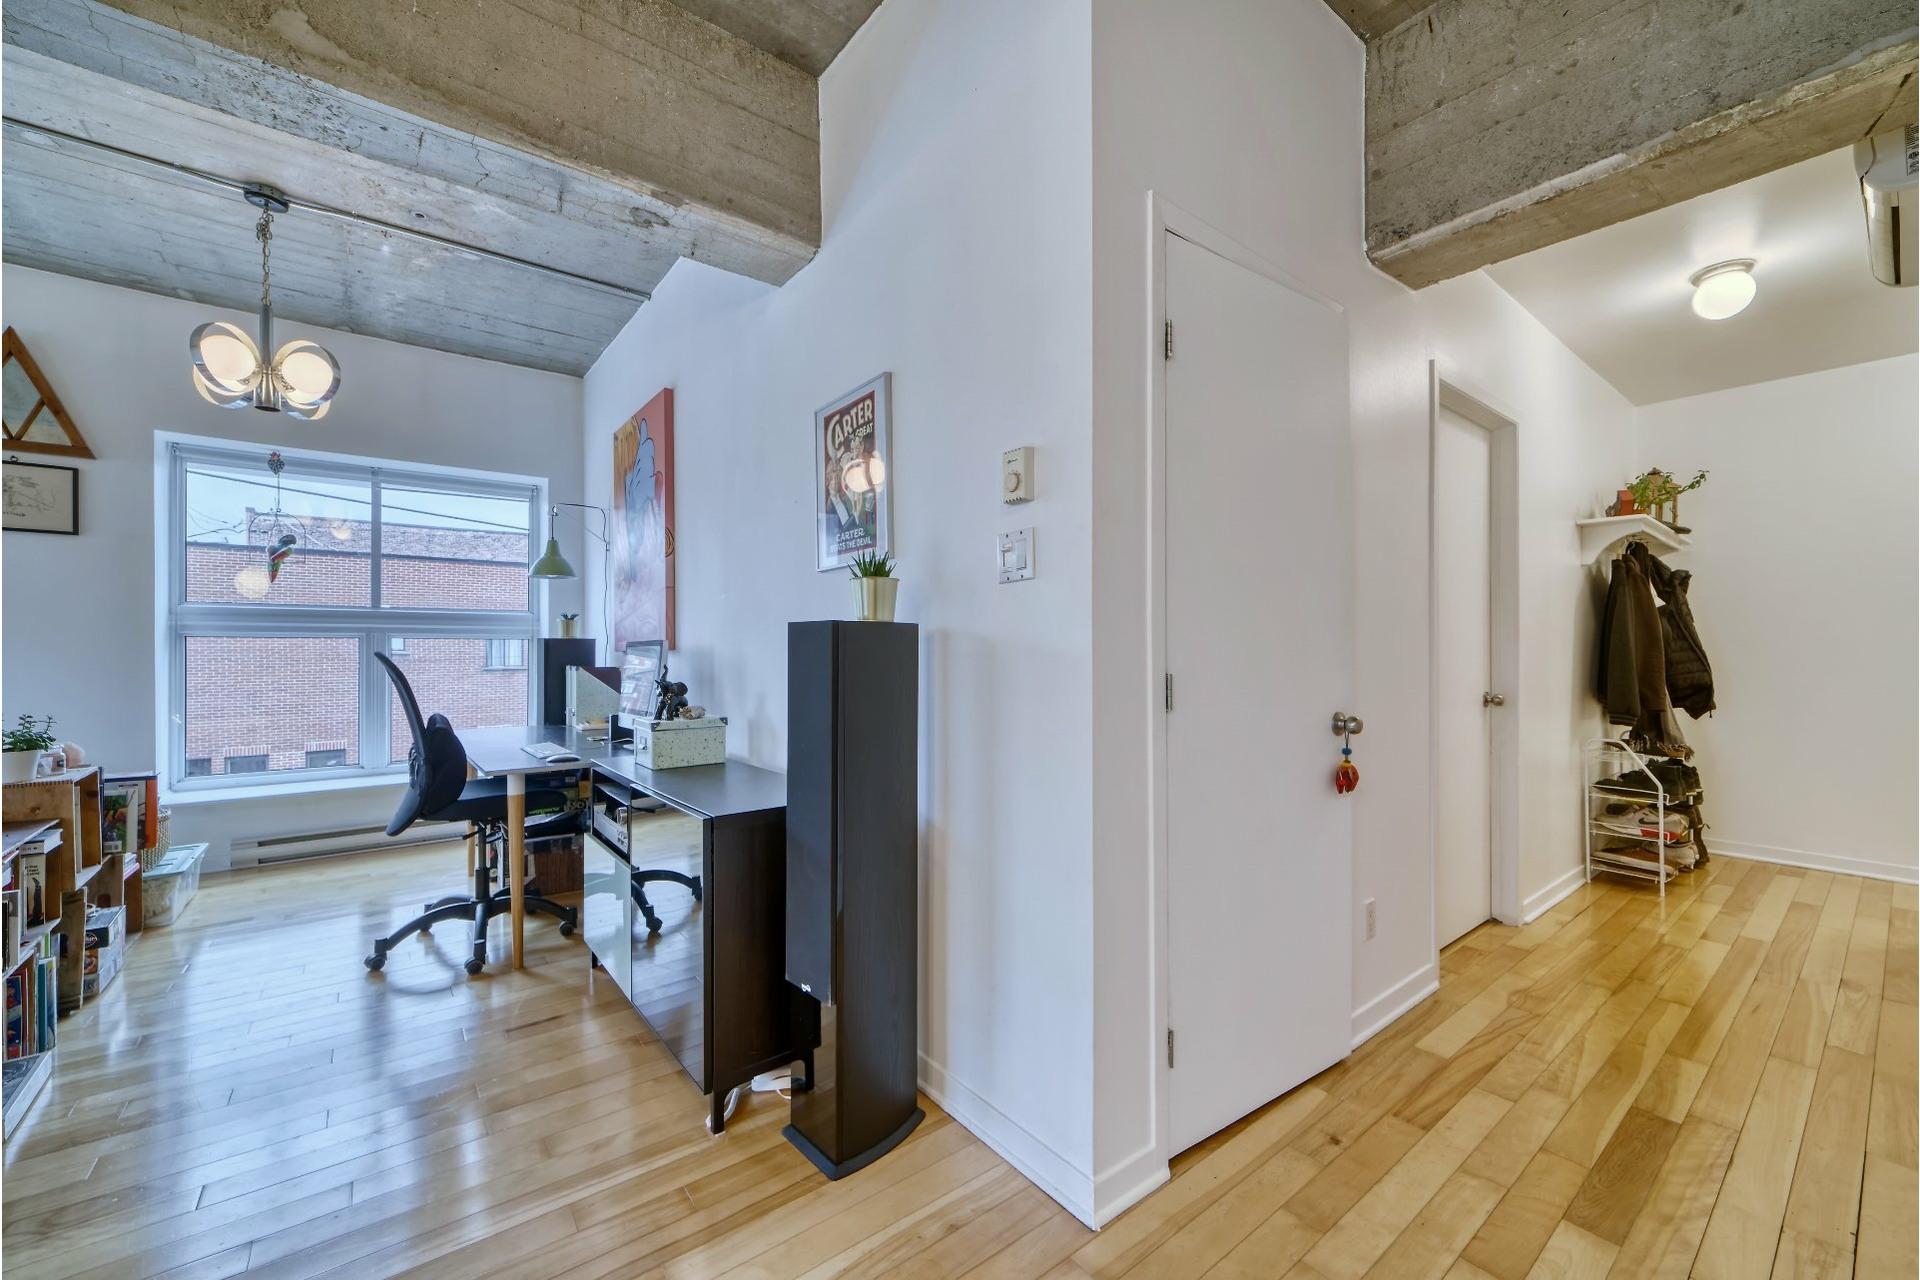 image 8 - Appartement À vendre Verdun/Île-des-Soeurs Montréal  - 3 pièces